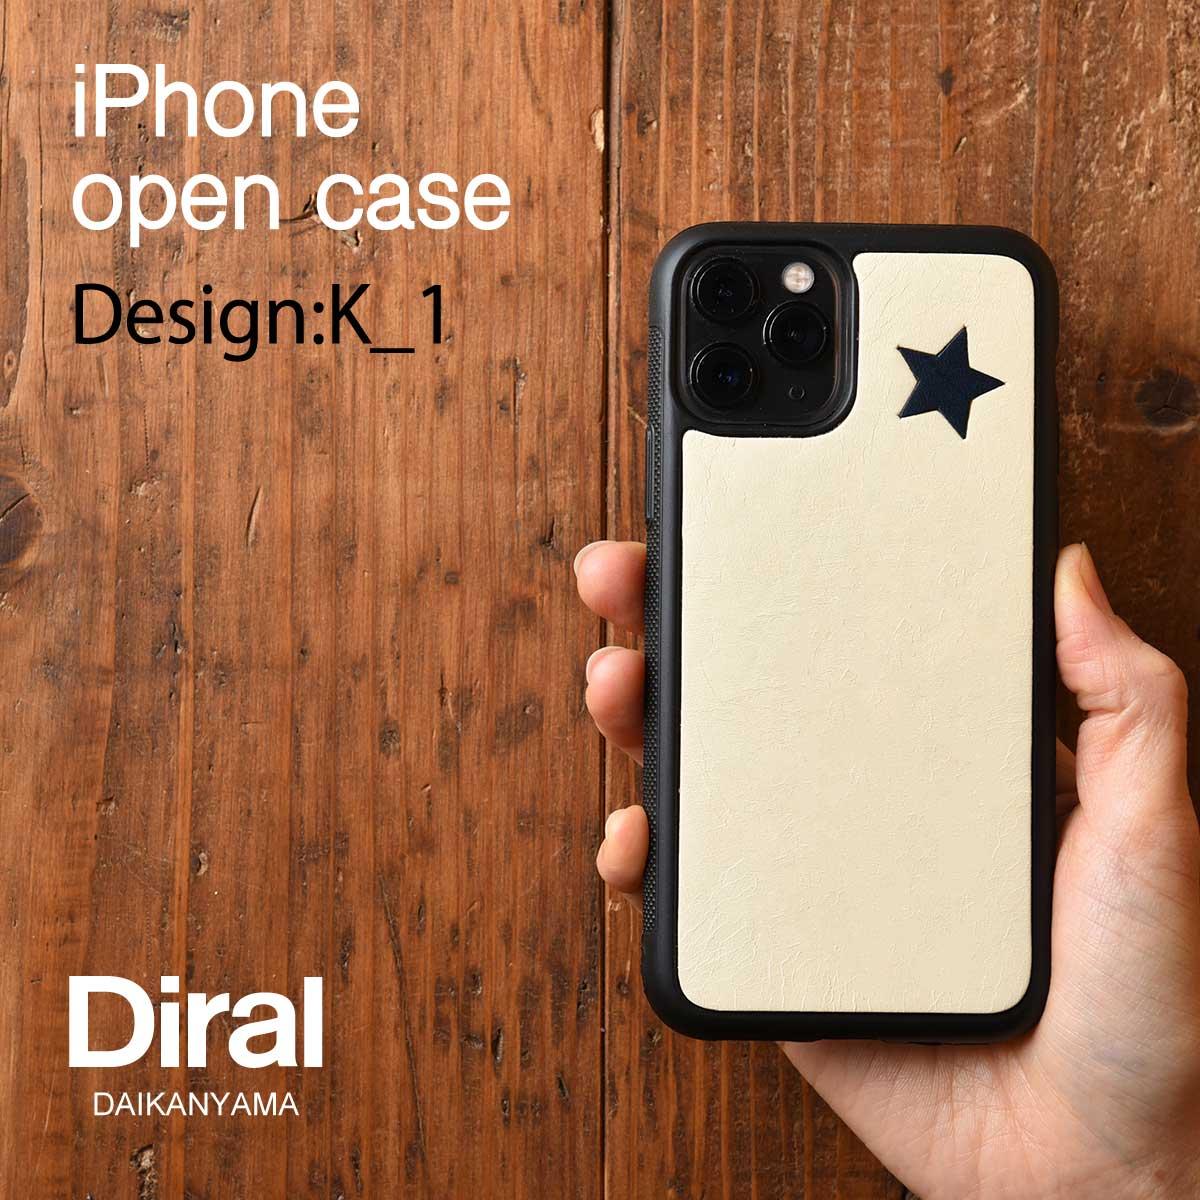 好みのデザインパターンから自由にカスタマイズ 誰ともかぶらない 一つだけのiPhoneケースが作れます Design K_1 ミニマーク埋込み オーダー 返品不可 スター右上 iPhoneケース iPhoneオープンタイプケース 名入れカスタム 新品 送料無料